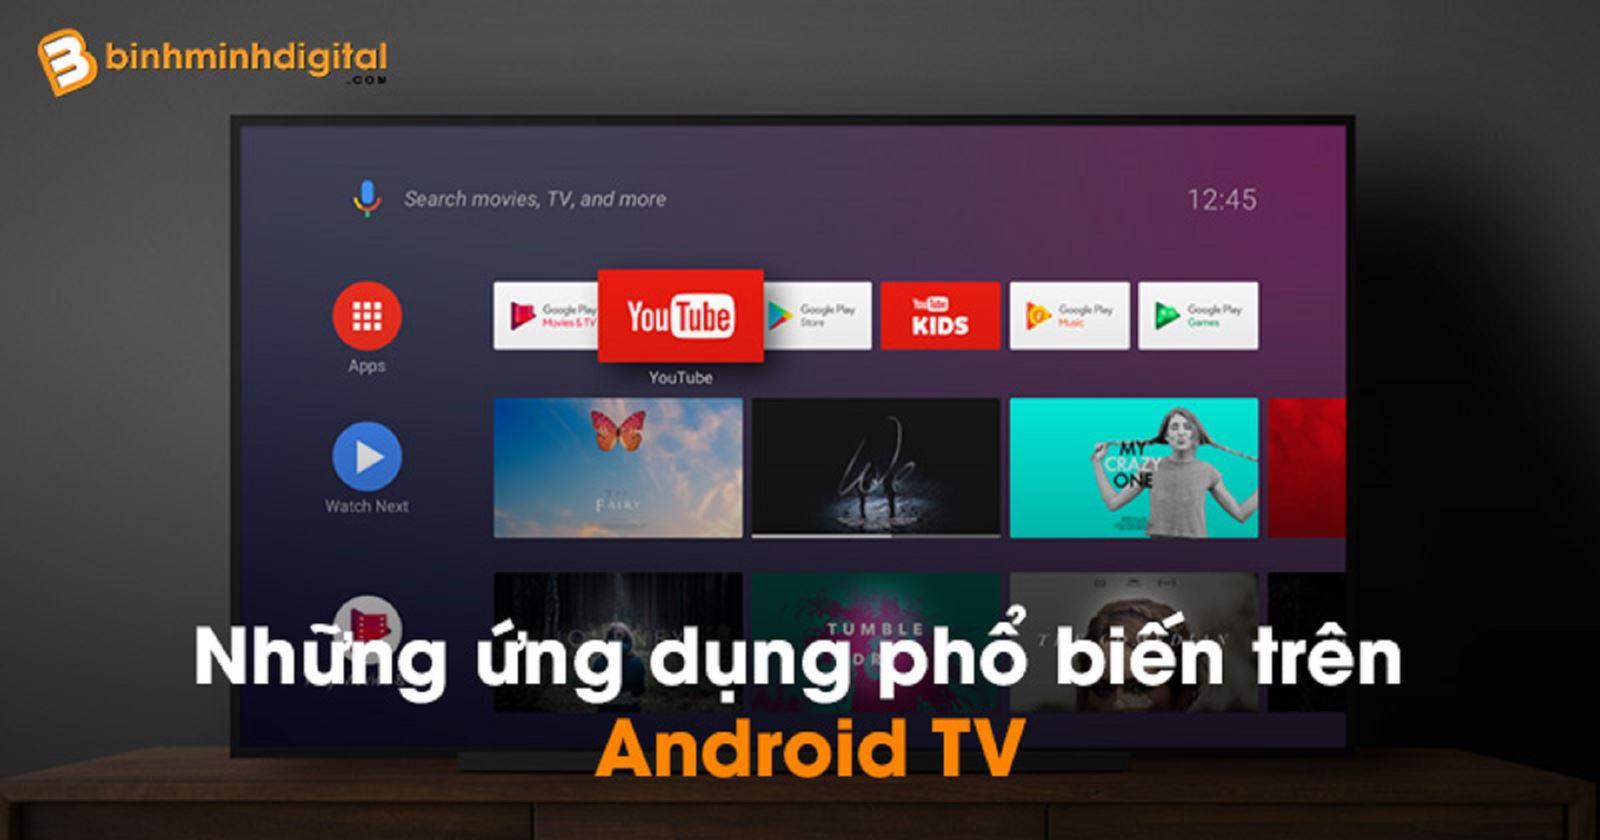 Những ứng dụng phổ biến trên Android TV